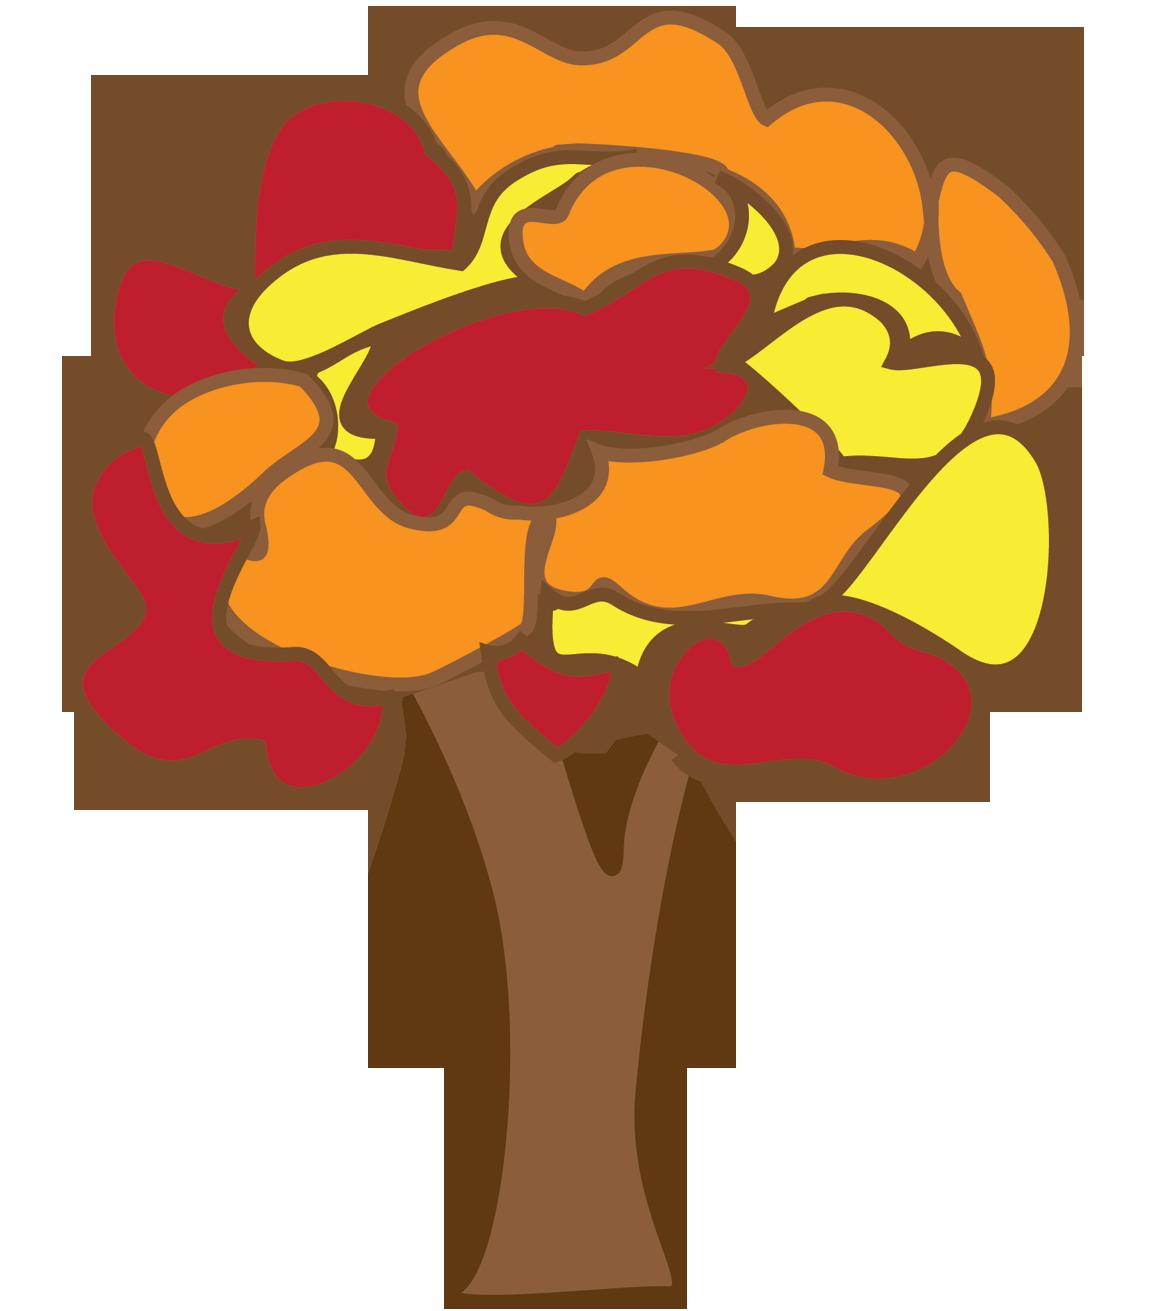 autumn tree clipart - photo #35